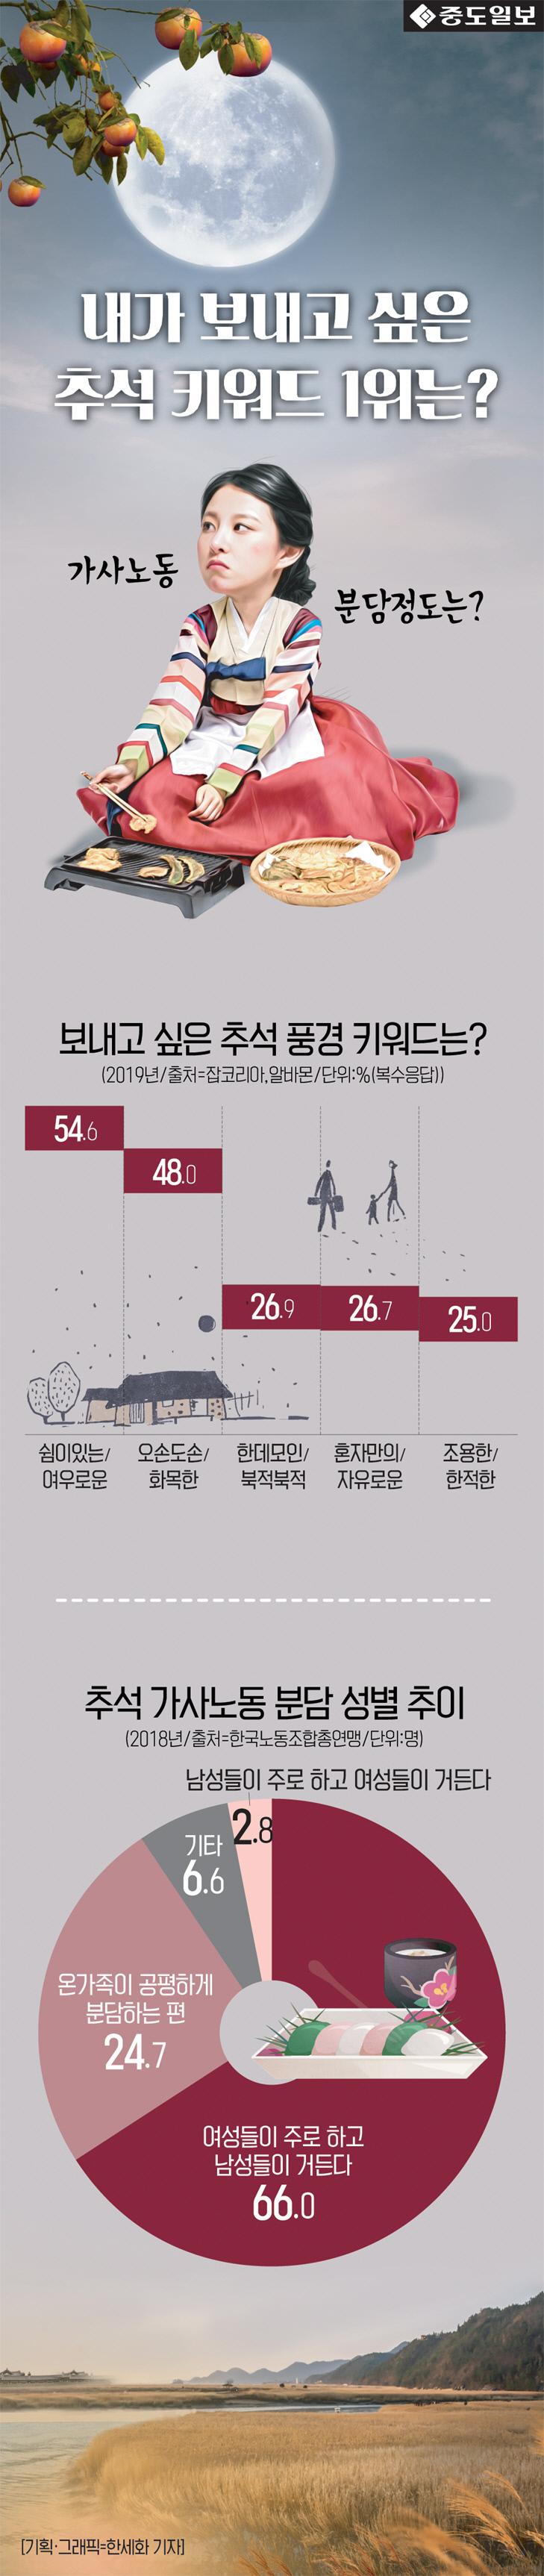 인포-추석-키워드가사노동분담